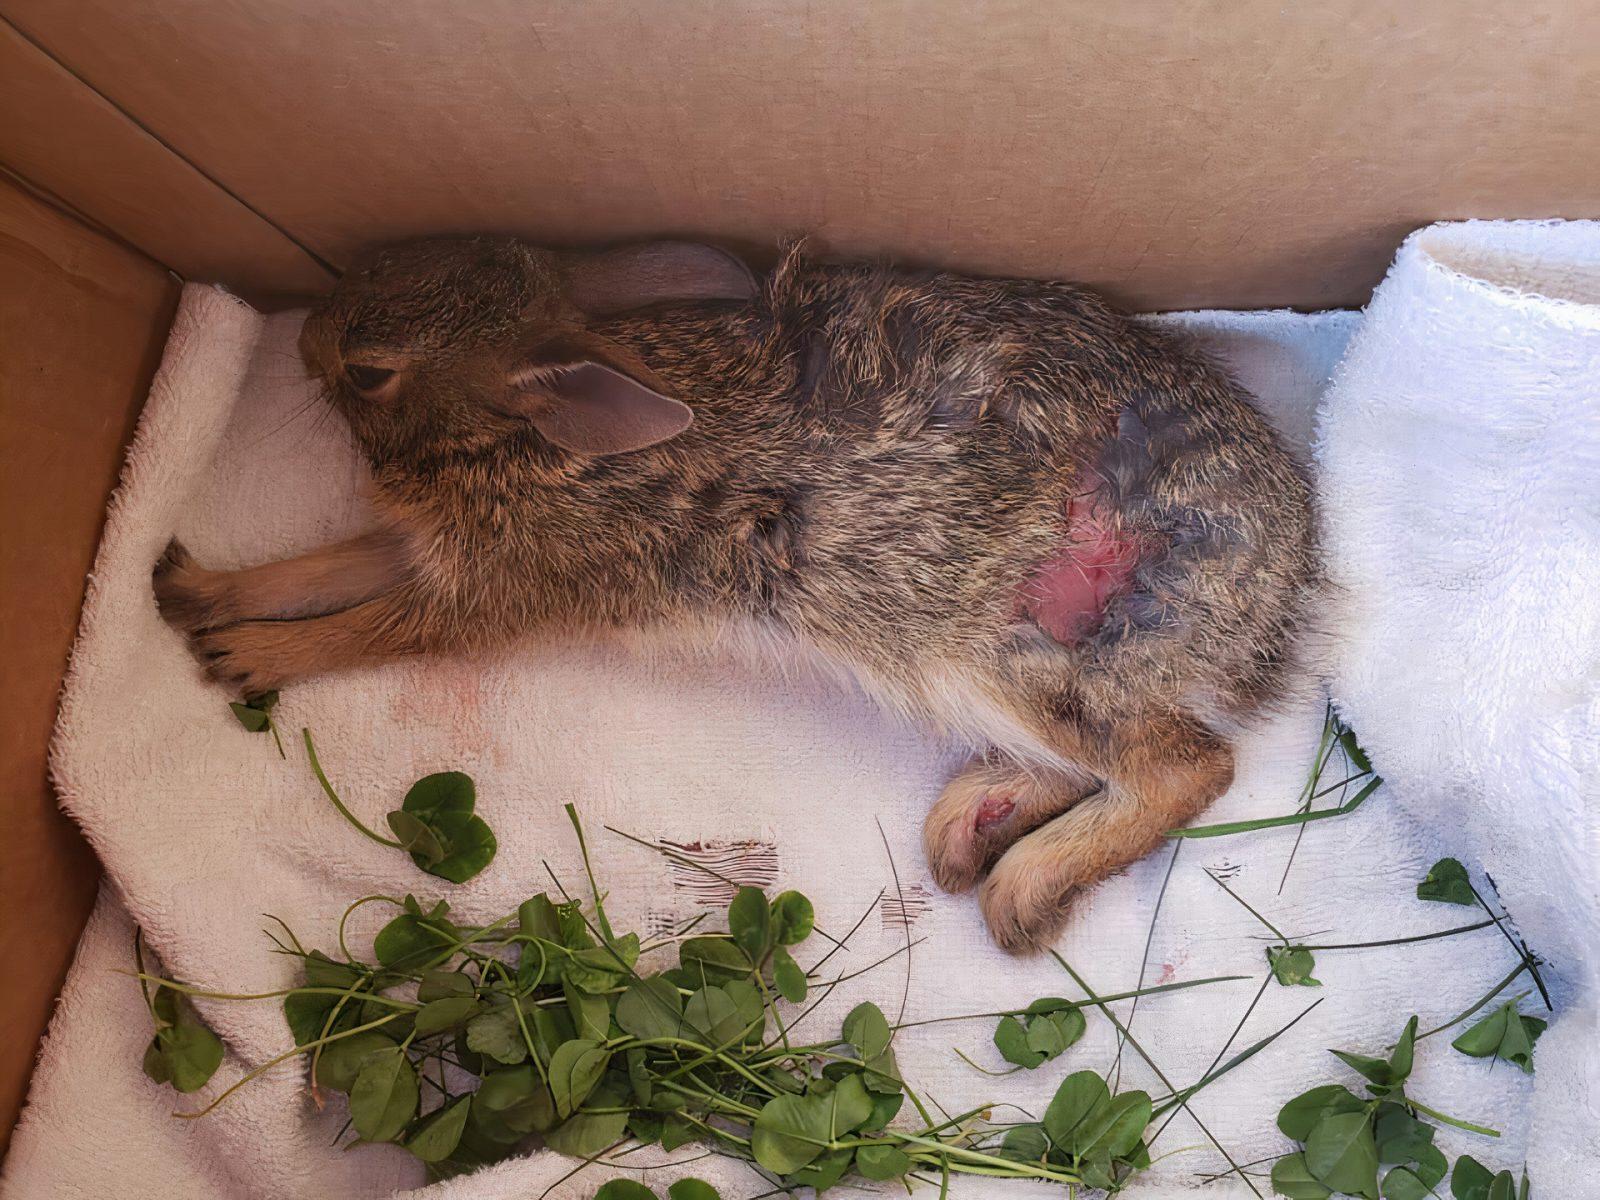 Que faire avec un lapin sauvage blessé?